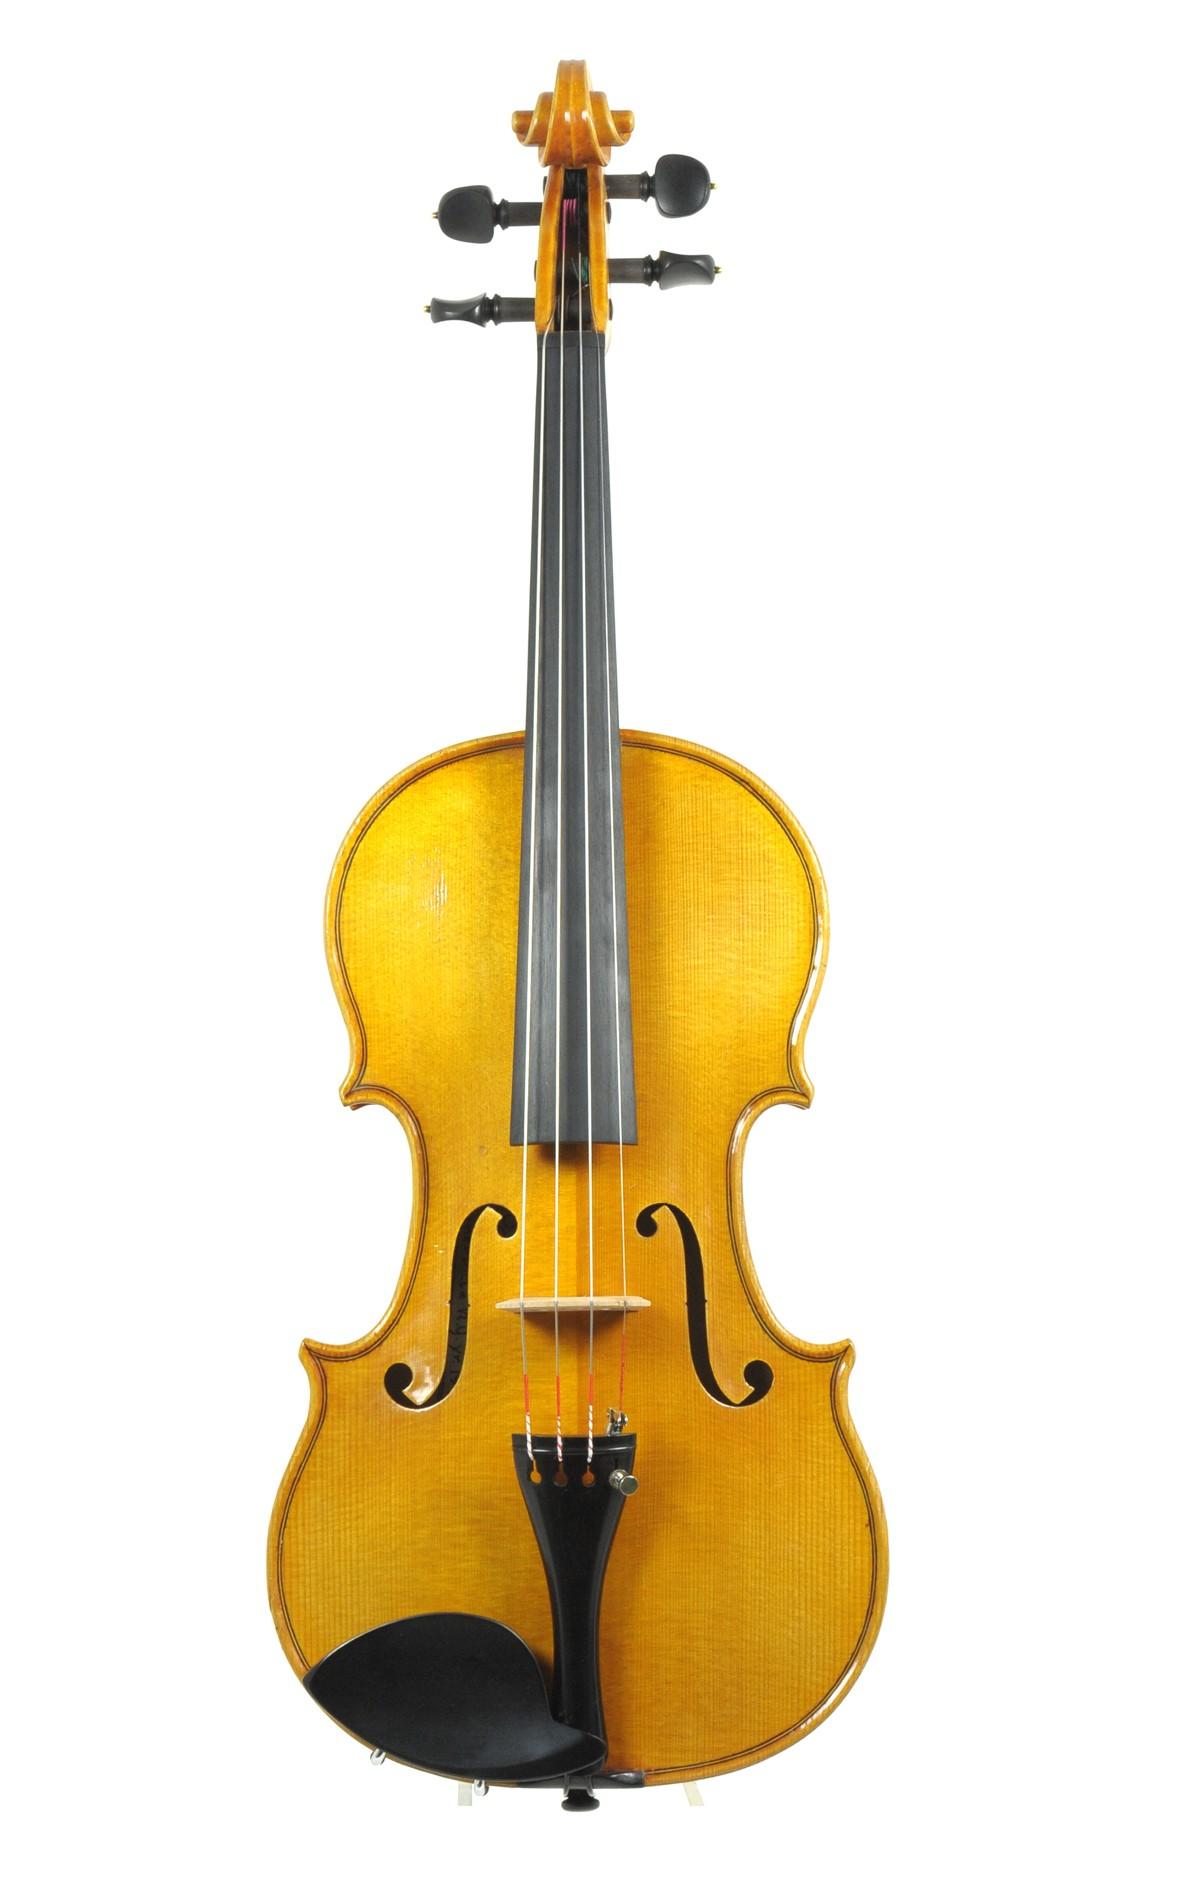 American violin, New York violin maker Peter Eibert, 1970